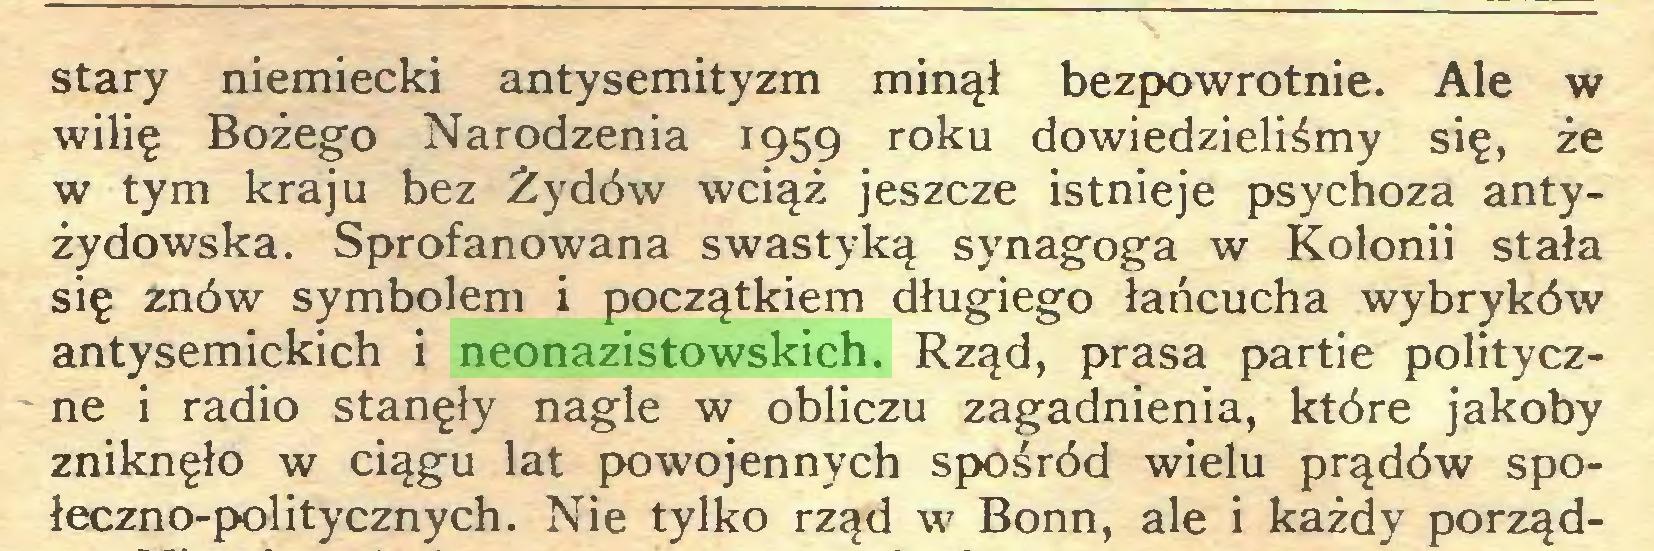 (...) stary niemiecki antysemityzm minął bezpowrotnie. Ale w wilię Bożego Narodzenia 1959 roku dowiedzieliśmy się, że w tym kraju bez Żydów wciąż jeszcze istnieje psychoza antyżydowska. Sprofanowana swastyką synagoga w Kolonii stała się znów symbolem i początkiem długiego łańcucha wybryków antysemickich i neonazistowskich. Rząd, prasa partie polityczne i radio stanęły nagle w obliczu zagadnienia, które jakoby zniknęło w ciągu lat powojennych spośród wielu prądów społeczno-politycznych. Nie tylko rząd w Bonn, ale i każdy porząd...